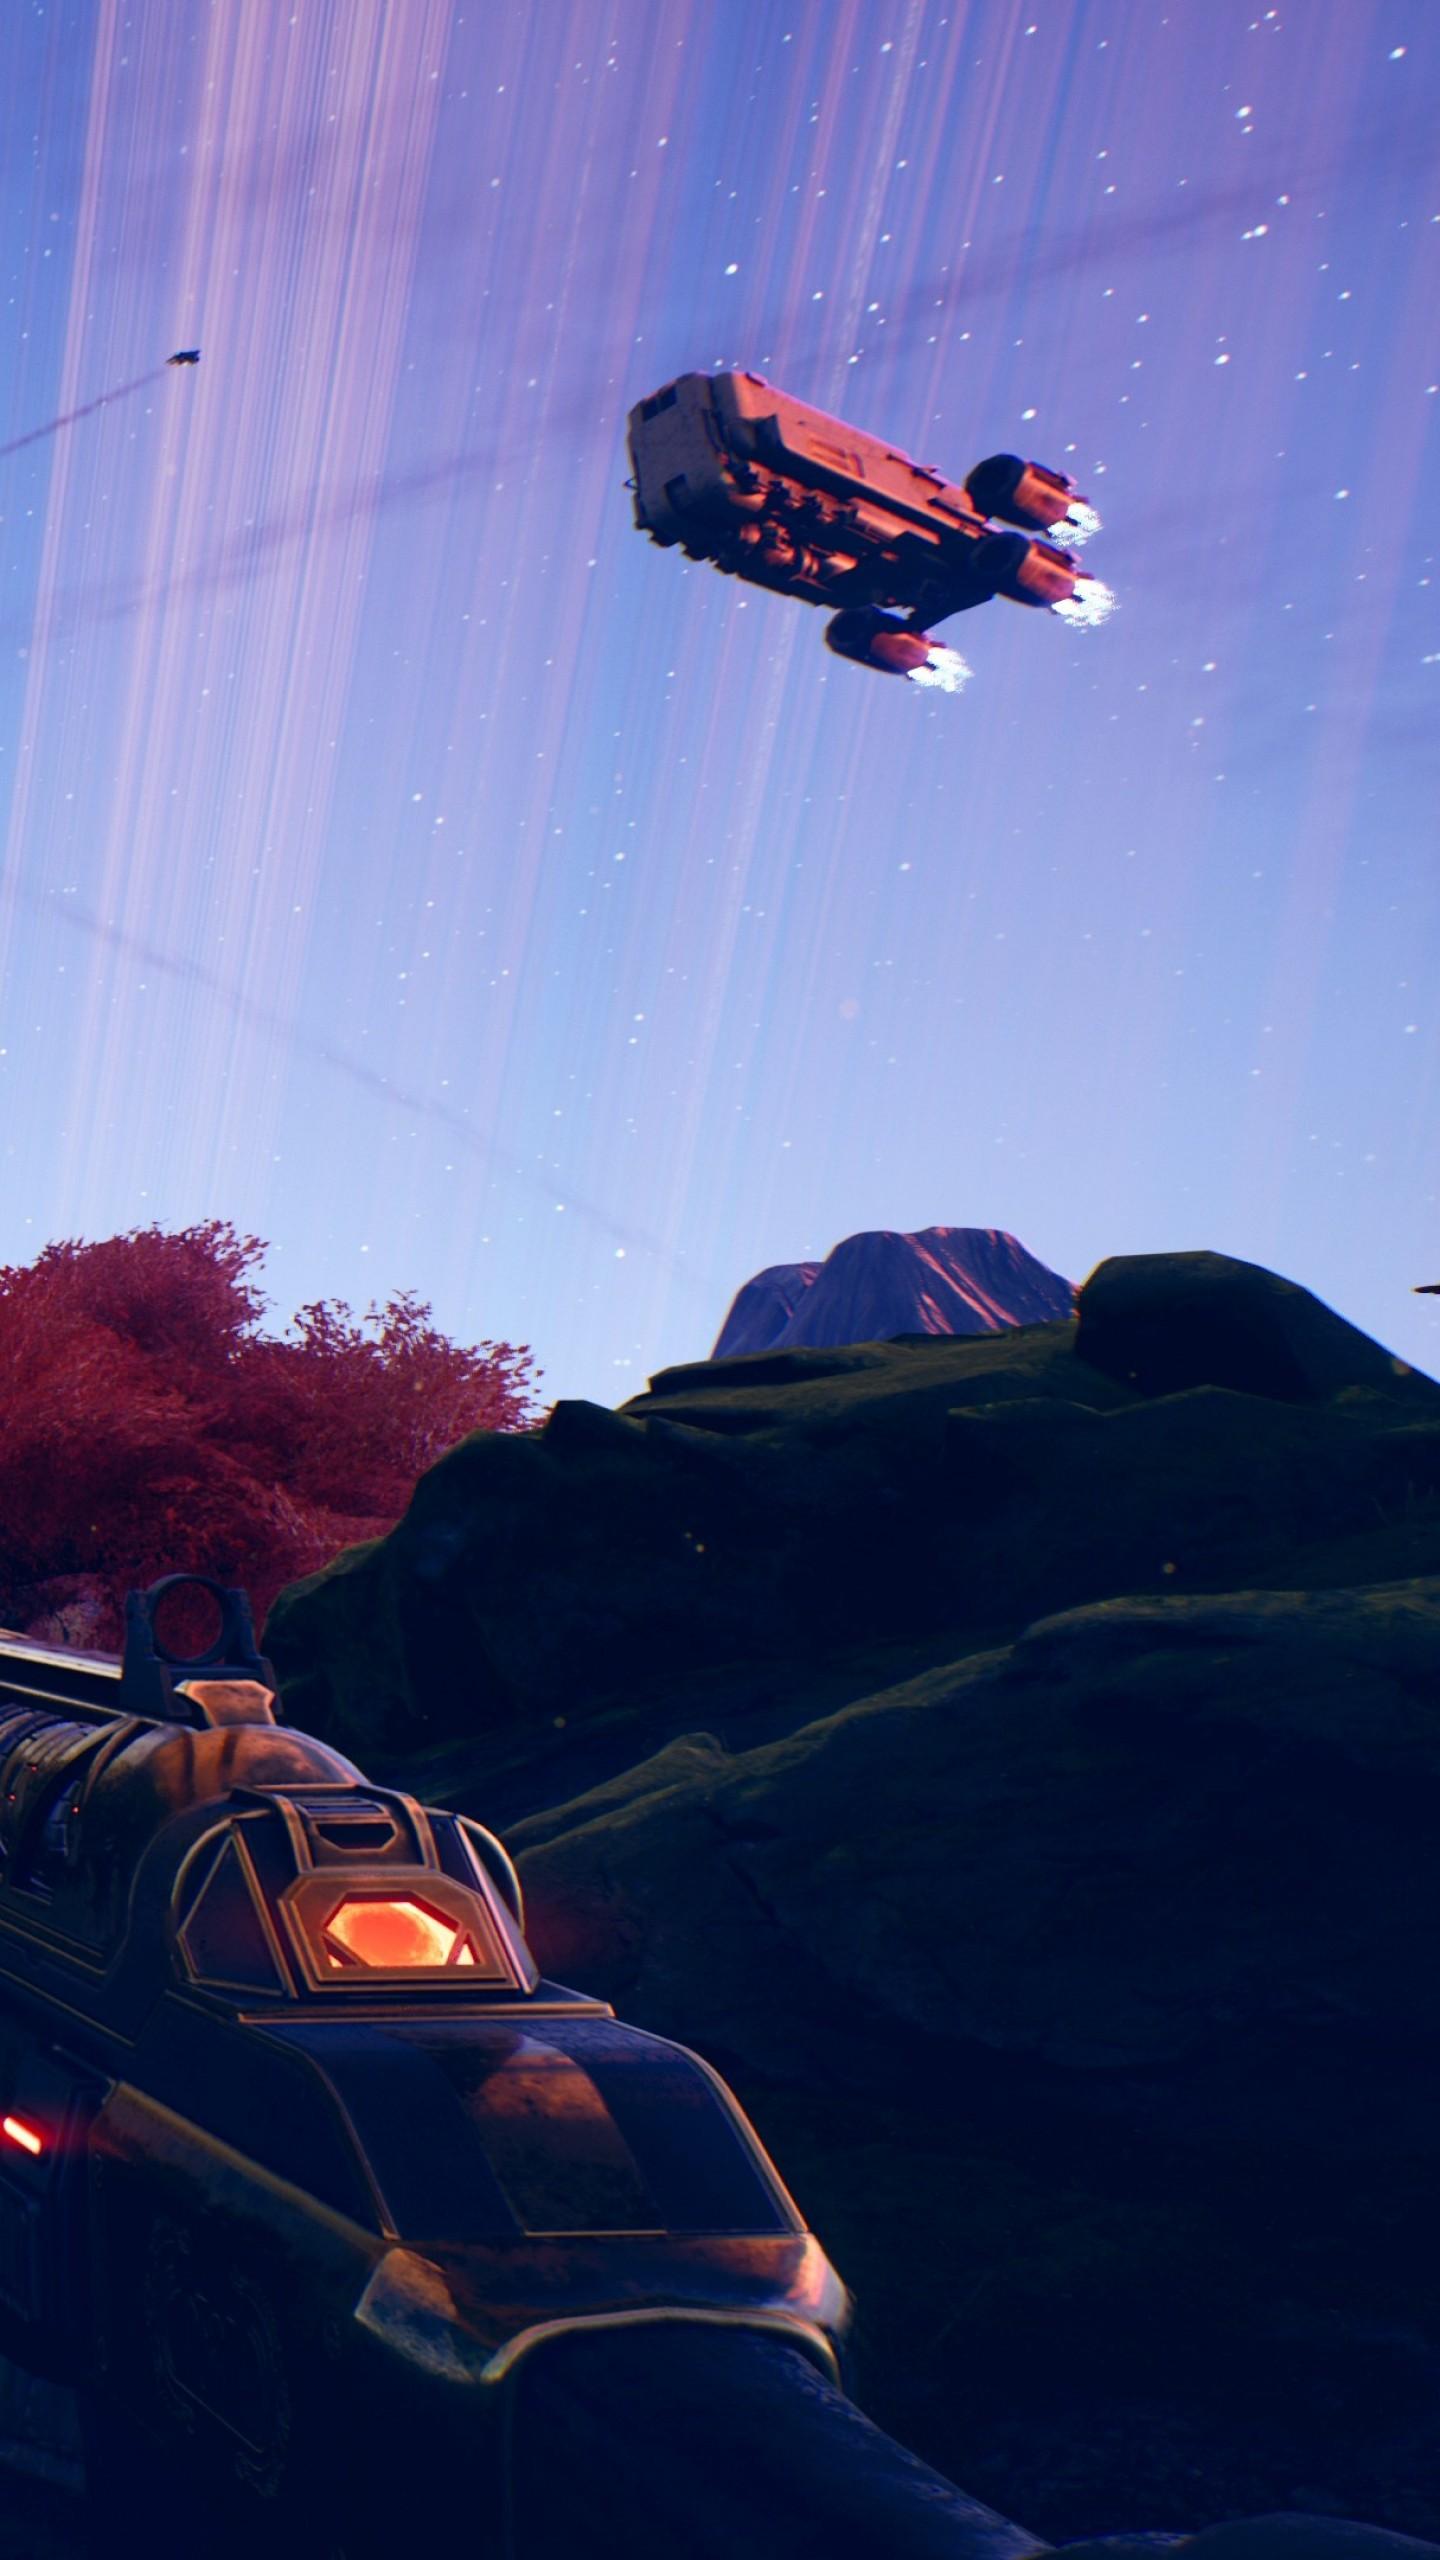 Wallpaper The Outer Worlds E3 2019 Screenshot 4k Games 21724